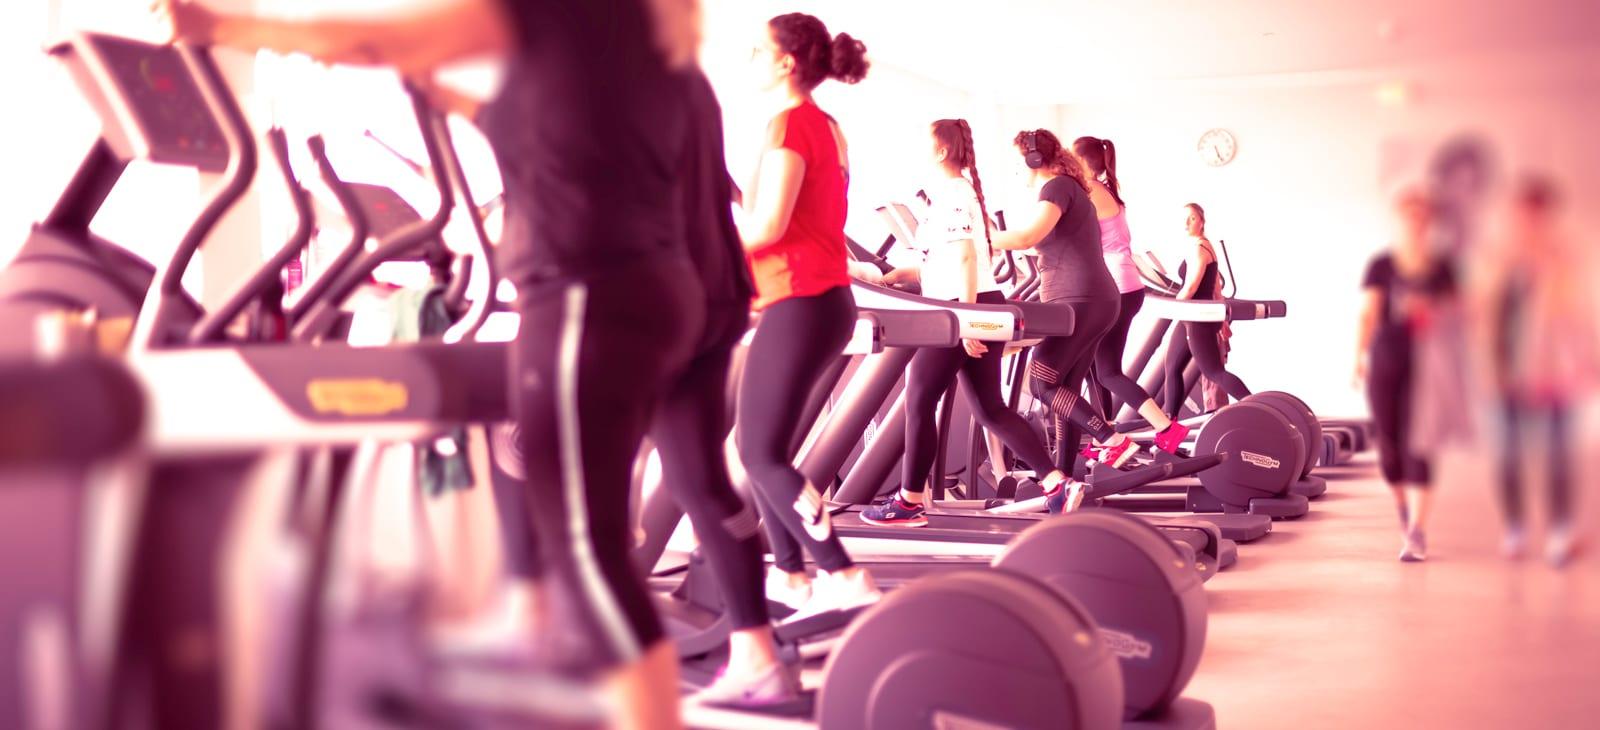 Mehrere Frauen beim Trainieren im Fitnessstudio